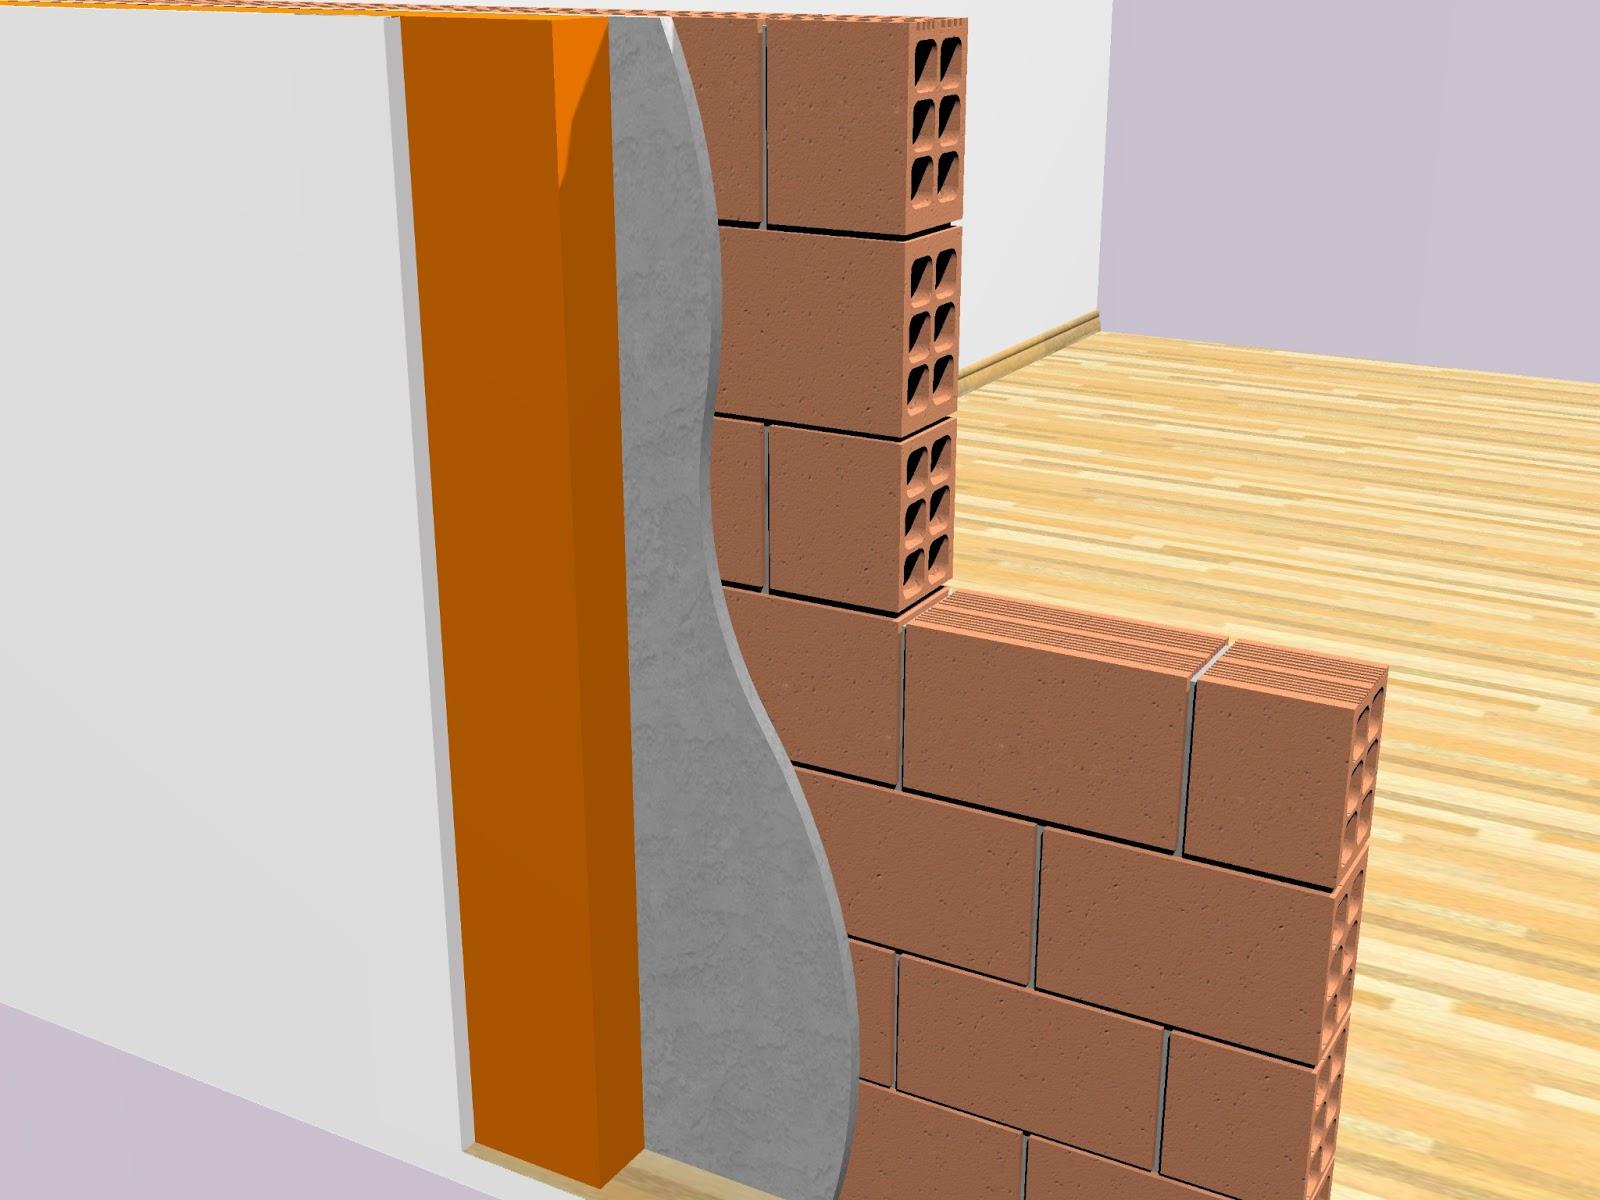 #AC5400 materiais voltados para a isolamento acústico industrial e Isolamento  472 Janelas Duplas Isolamento Acustico